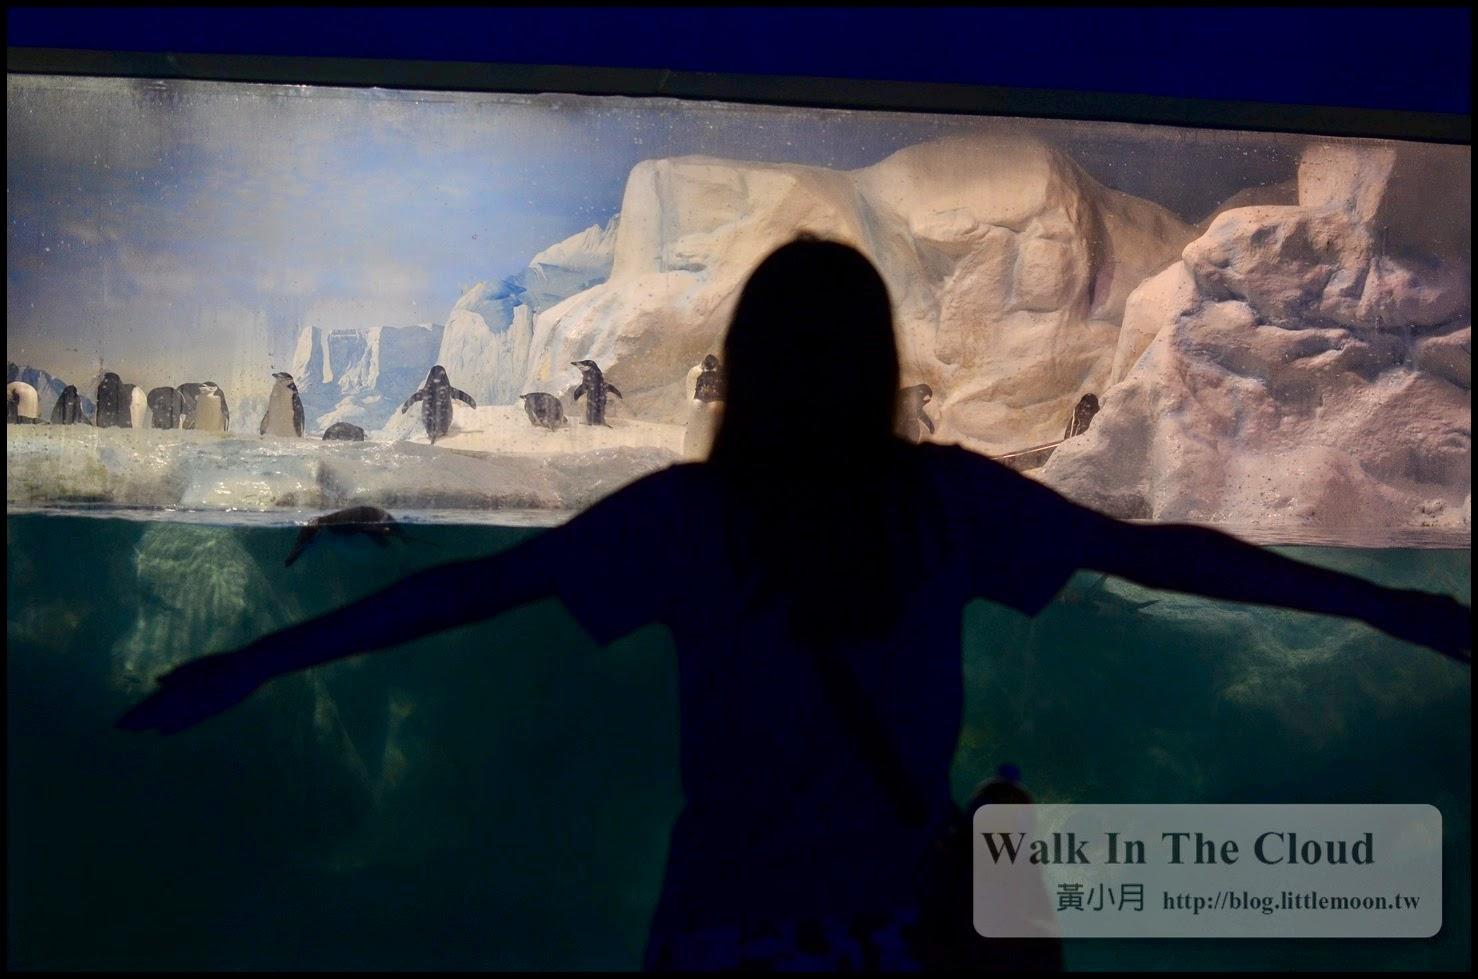 學企鵝張手面壁的剪影